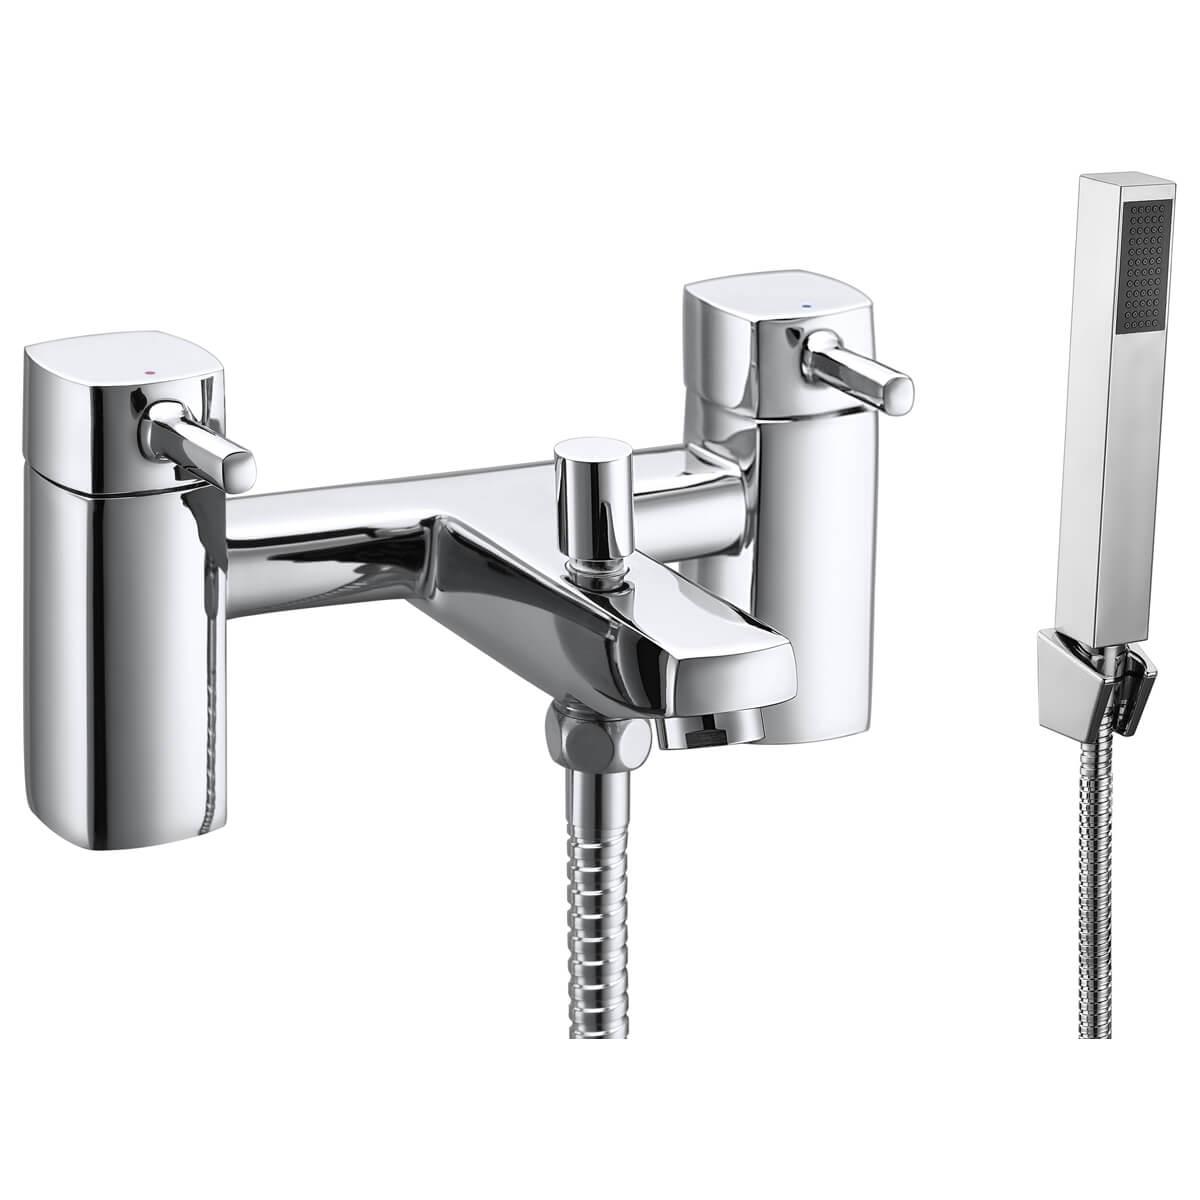 Frontline Cubix² Bath Shower Mixer Tap